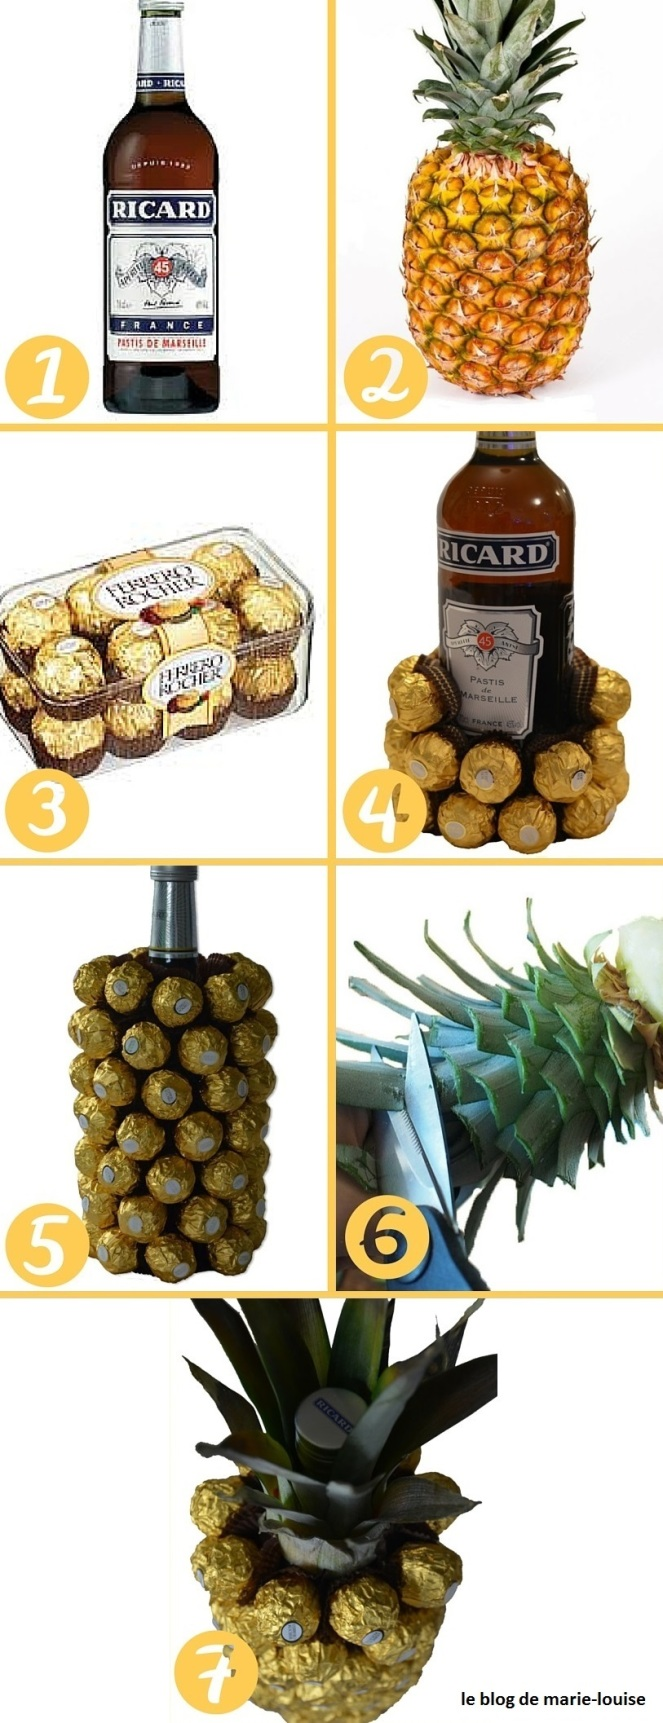 DIY Bouteille en forme d'ananas enrobée de chocolat par le blog de marie-louise